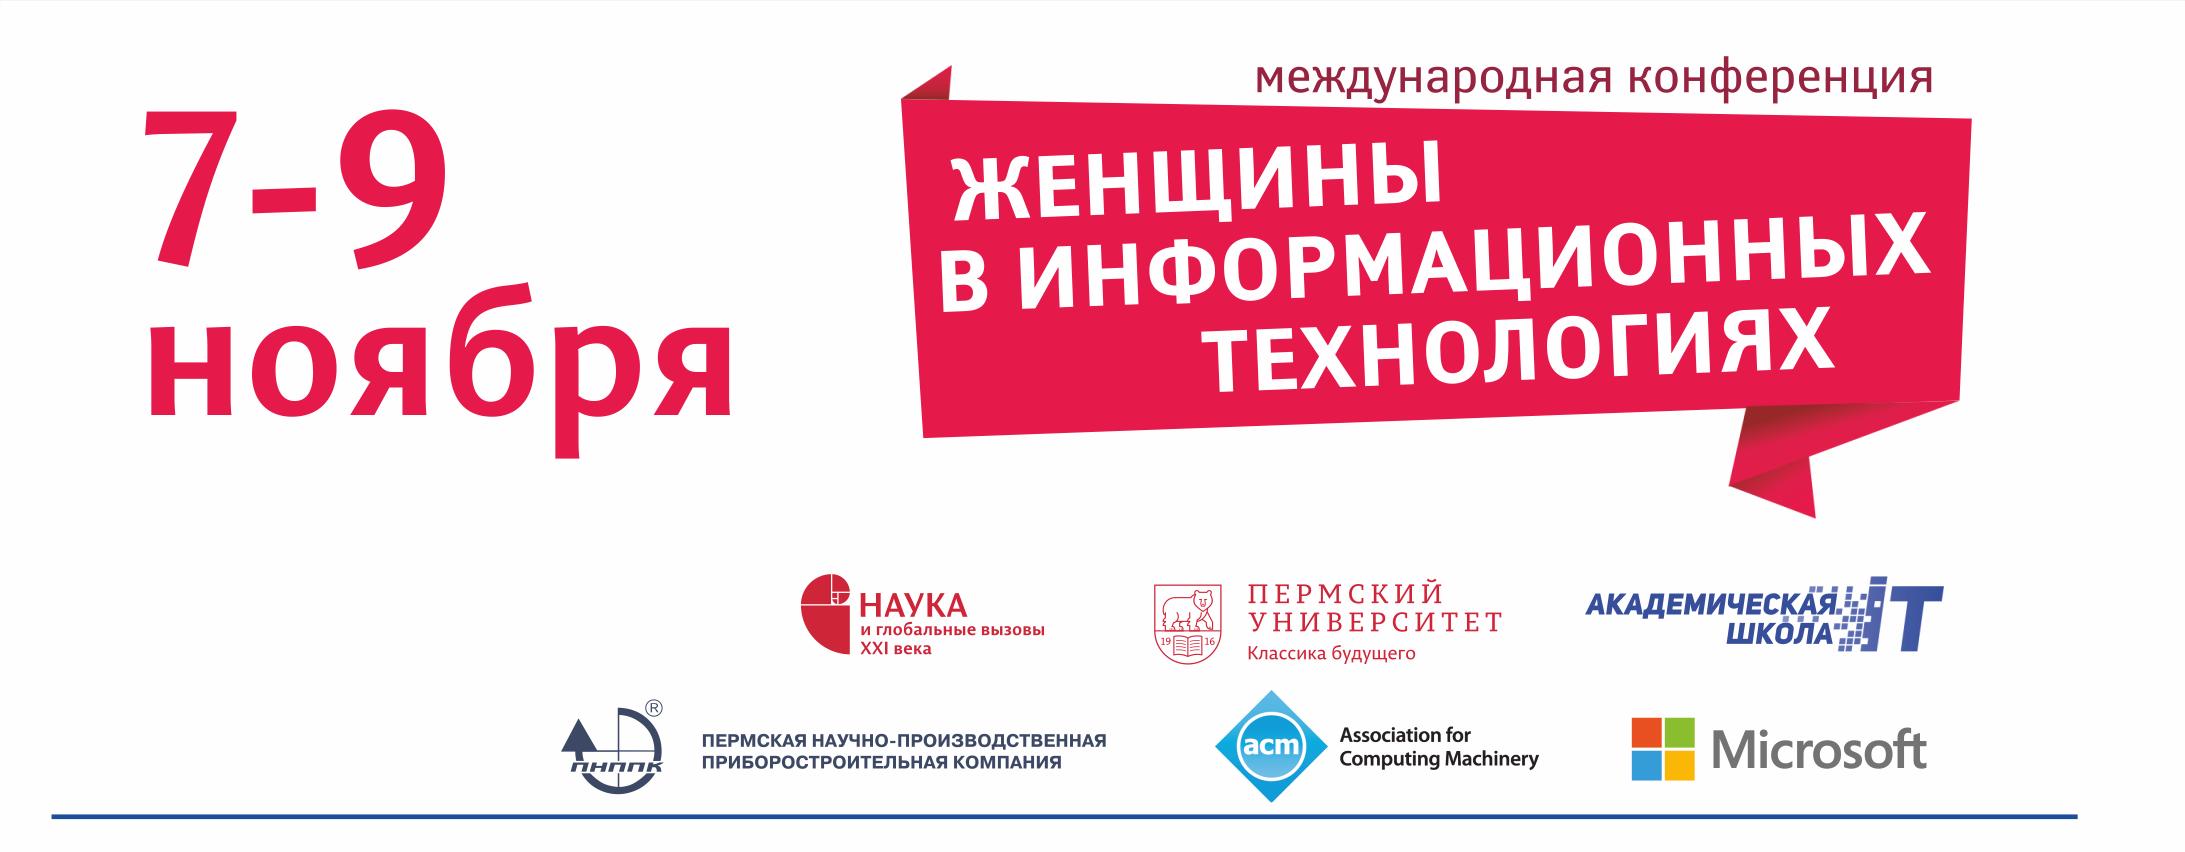 Логотип конференции Женщины в информационных технологиях - 2018